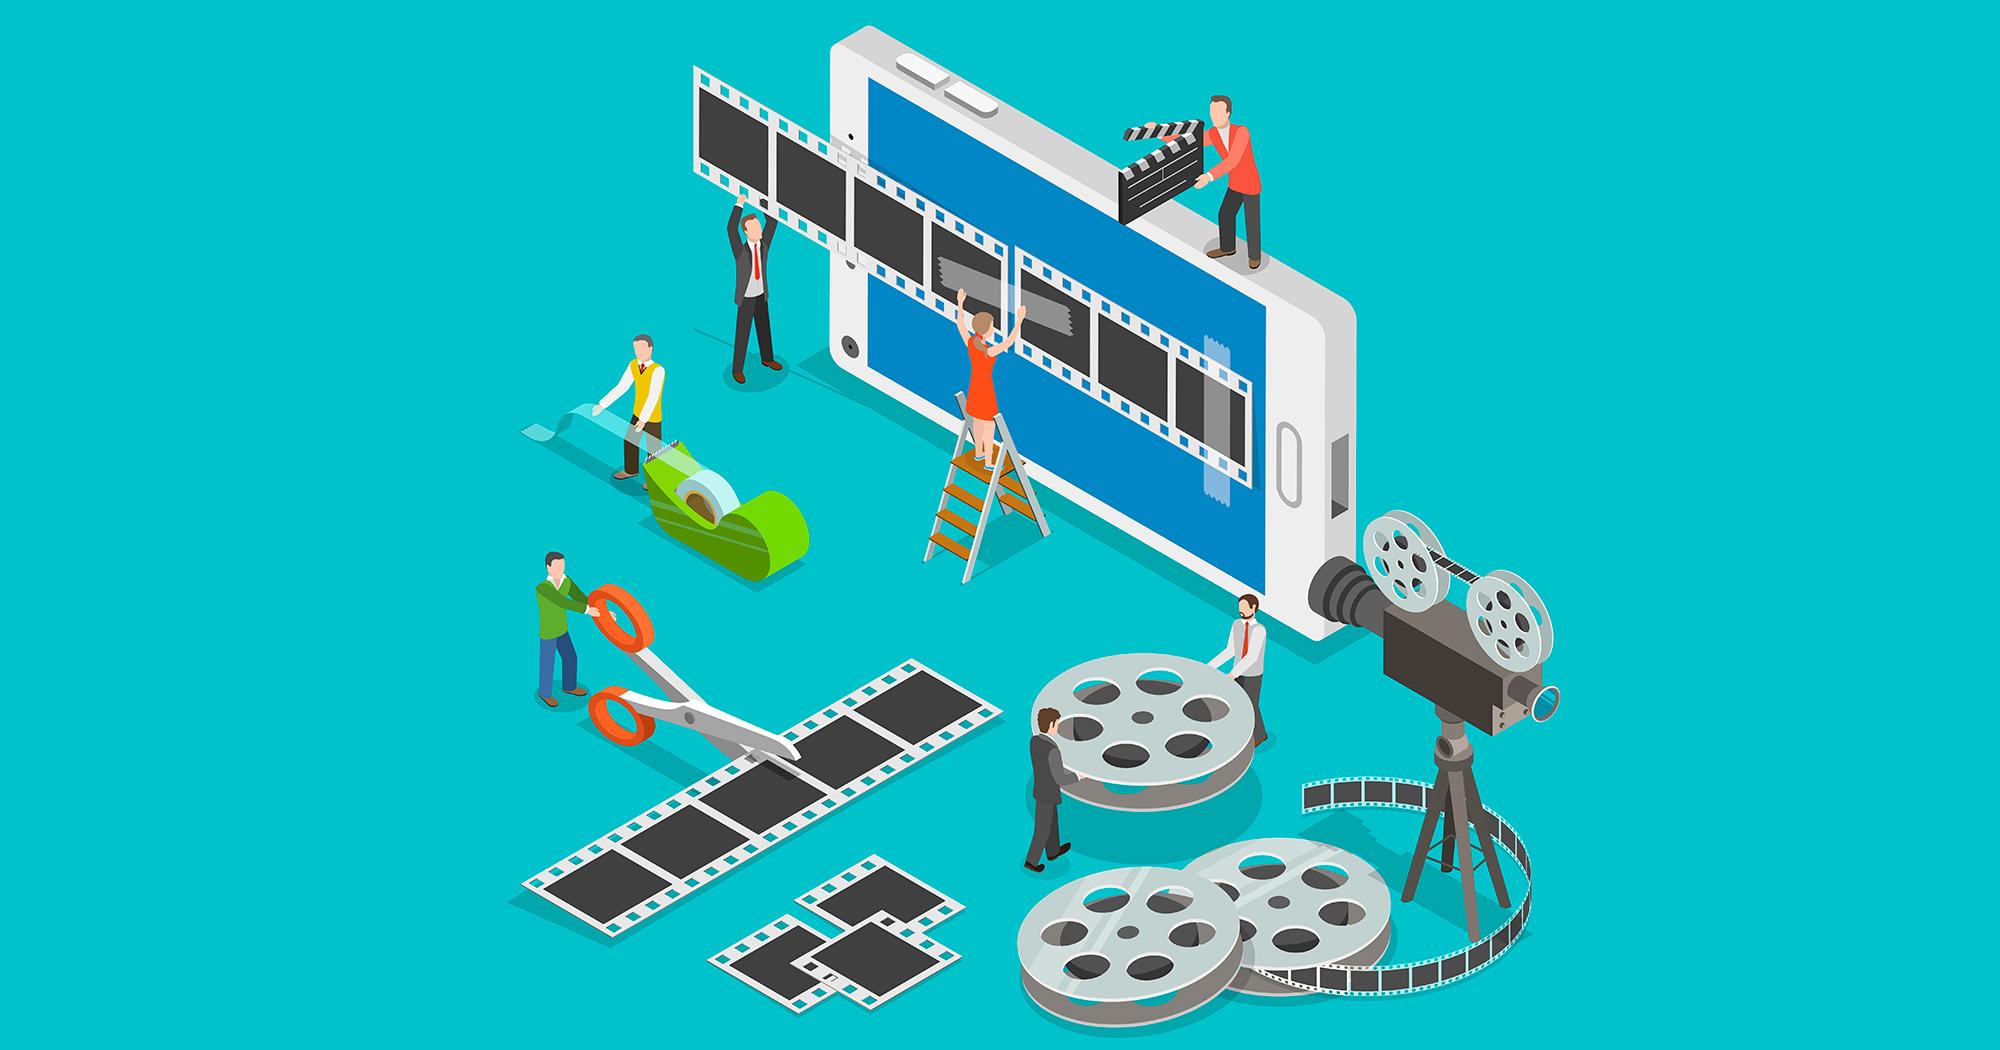 5-consejos-sobre-por-qué-deberías-usar-vídeos-en-tus-redes-sociales